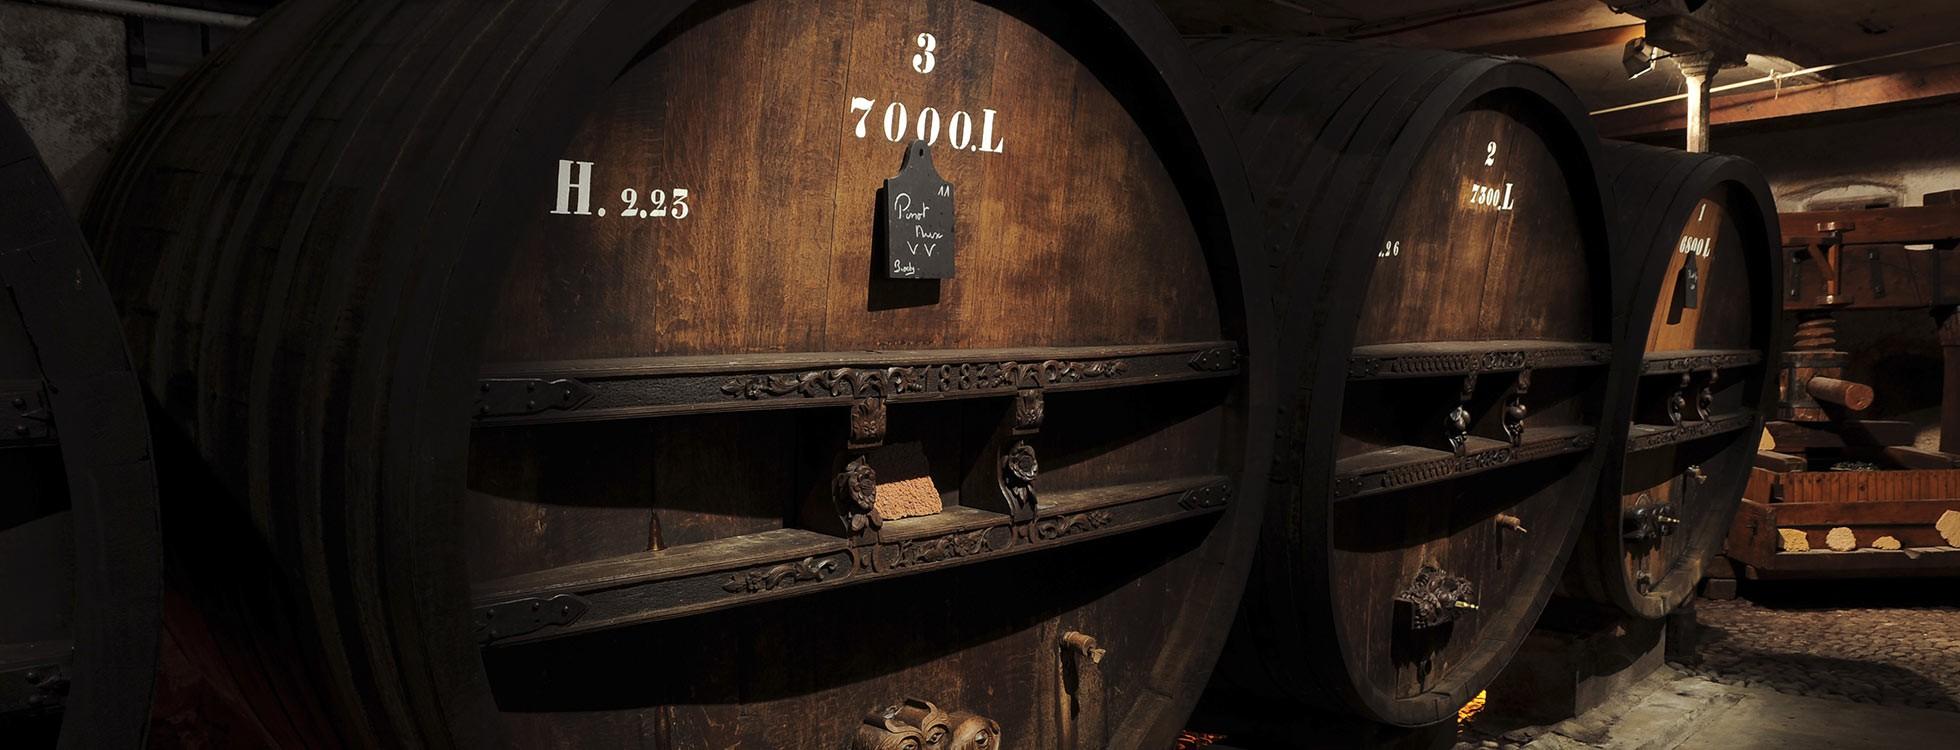 Vins blancs d'Alsace: les nouveaux chouchous des Français?